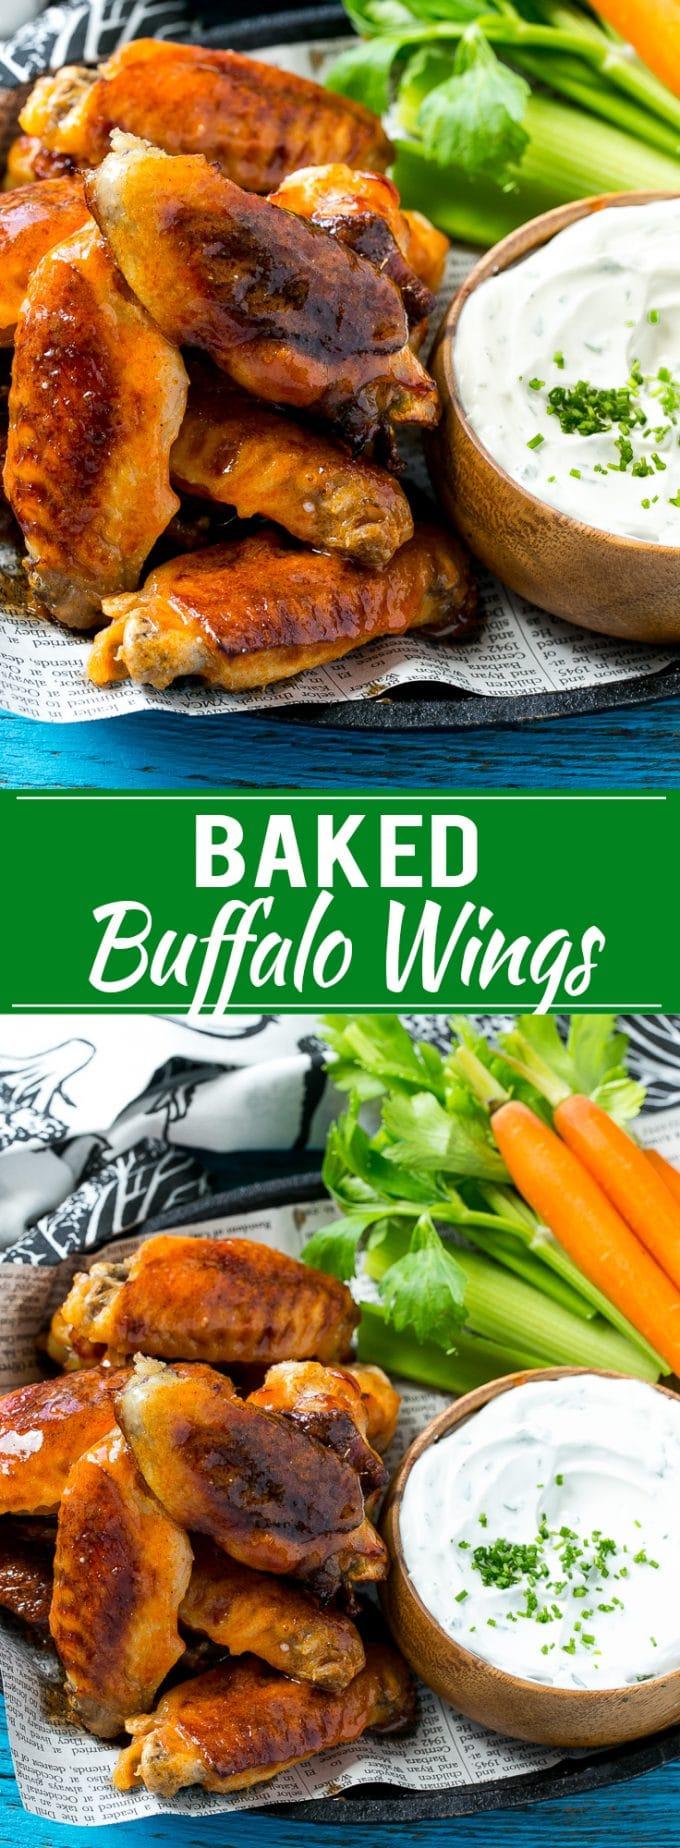 Baked Buffalo Wings Recipe | Buffalo Wings | Healthy Buffalo Wings | Crispy Wings